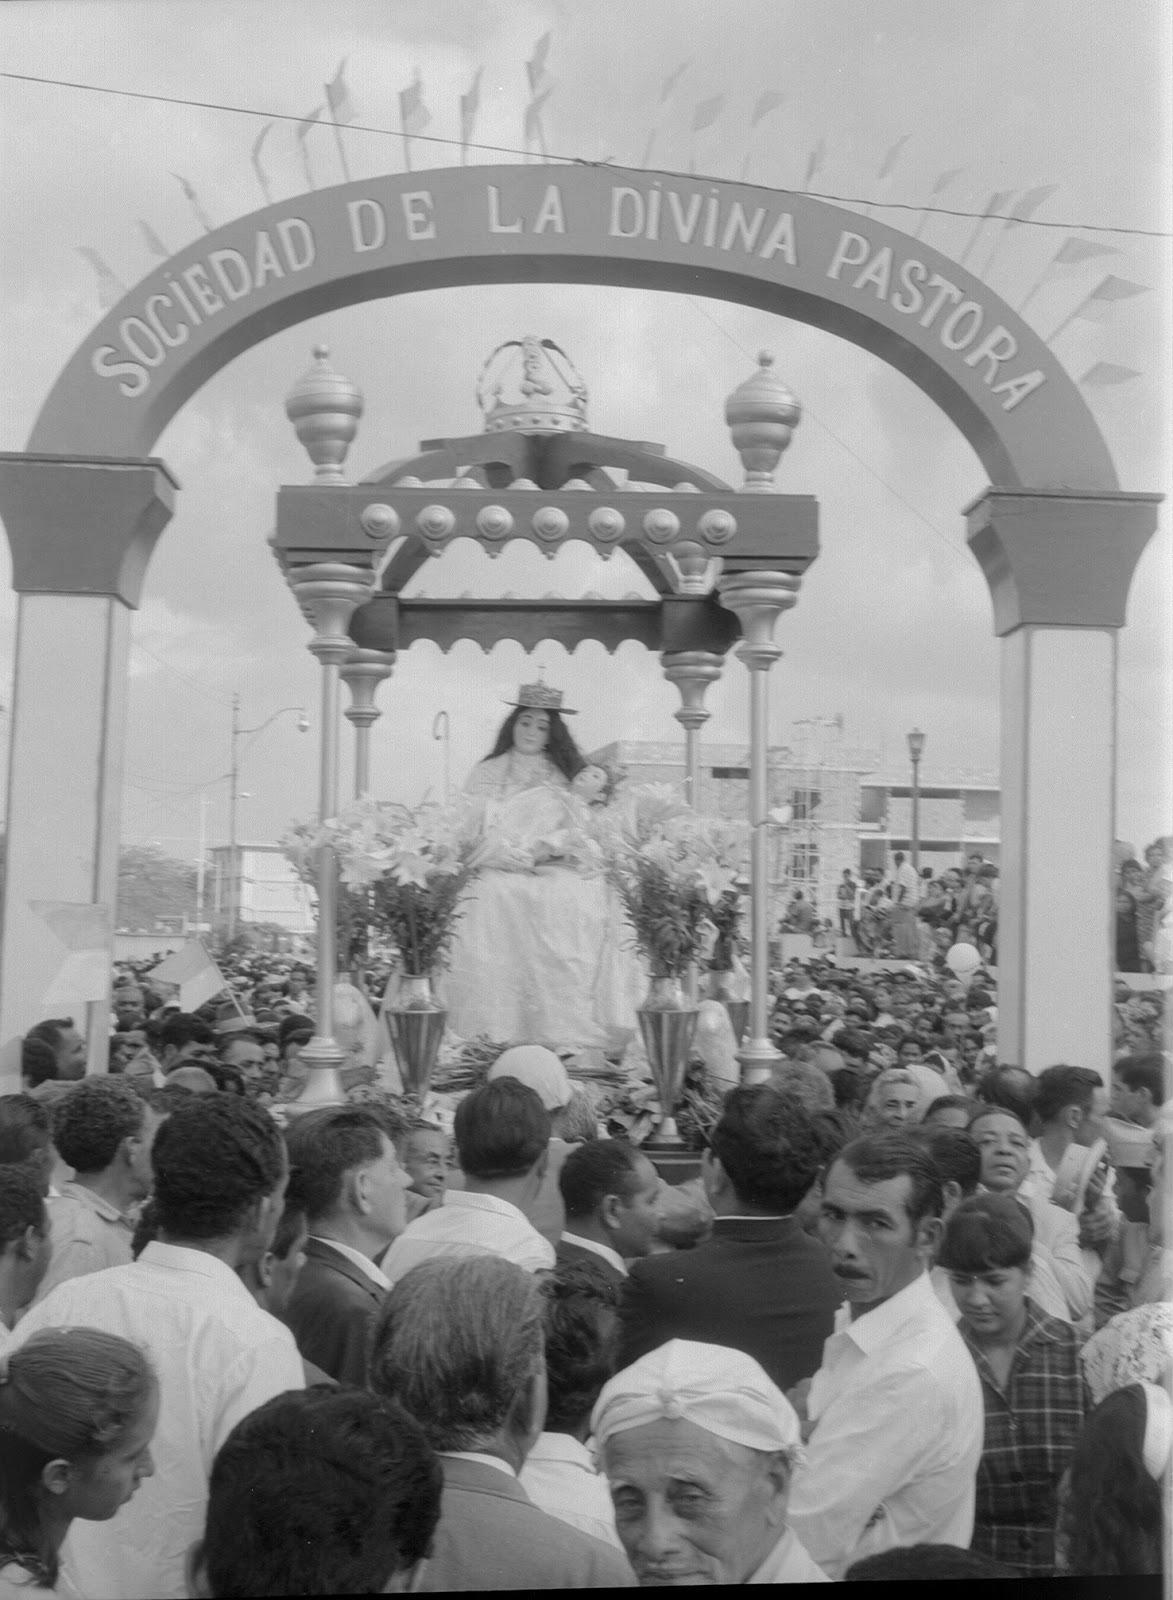 La Divina Pastora preside las palmas del Domingo de Ramos en Santa Rosa